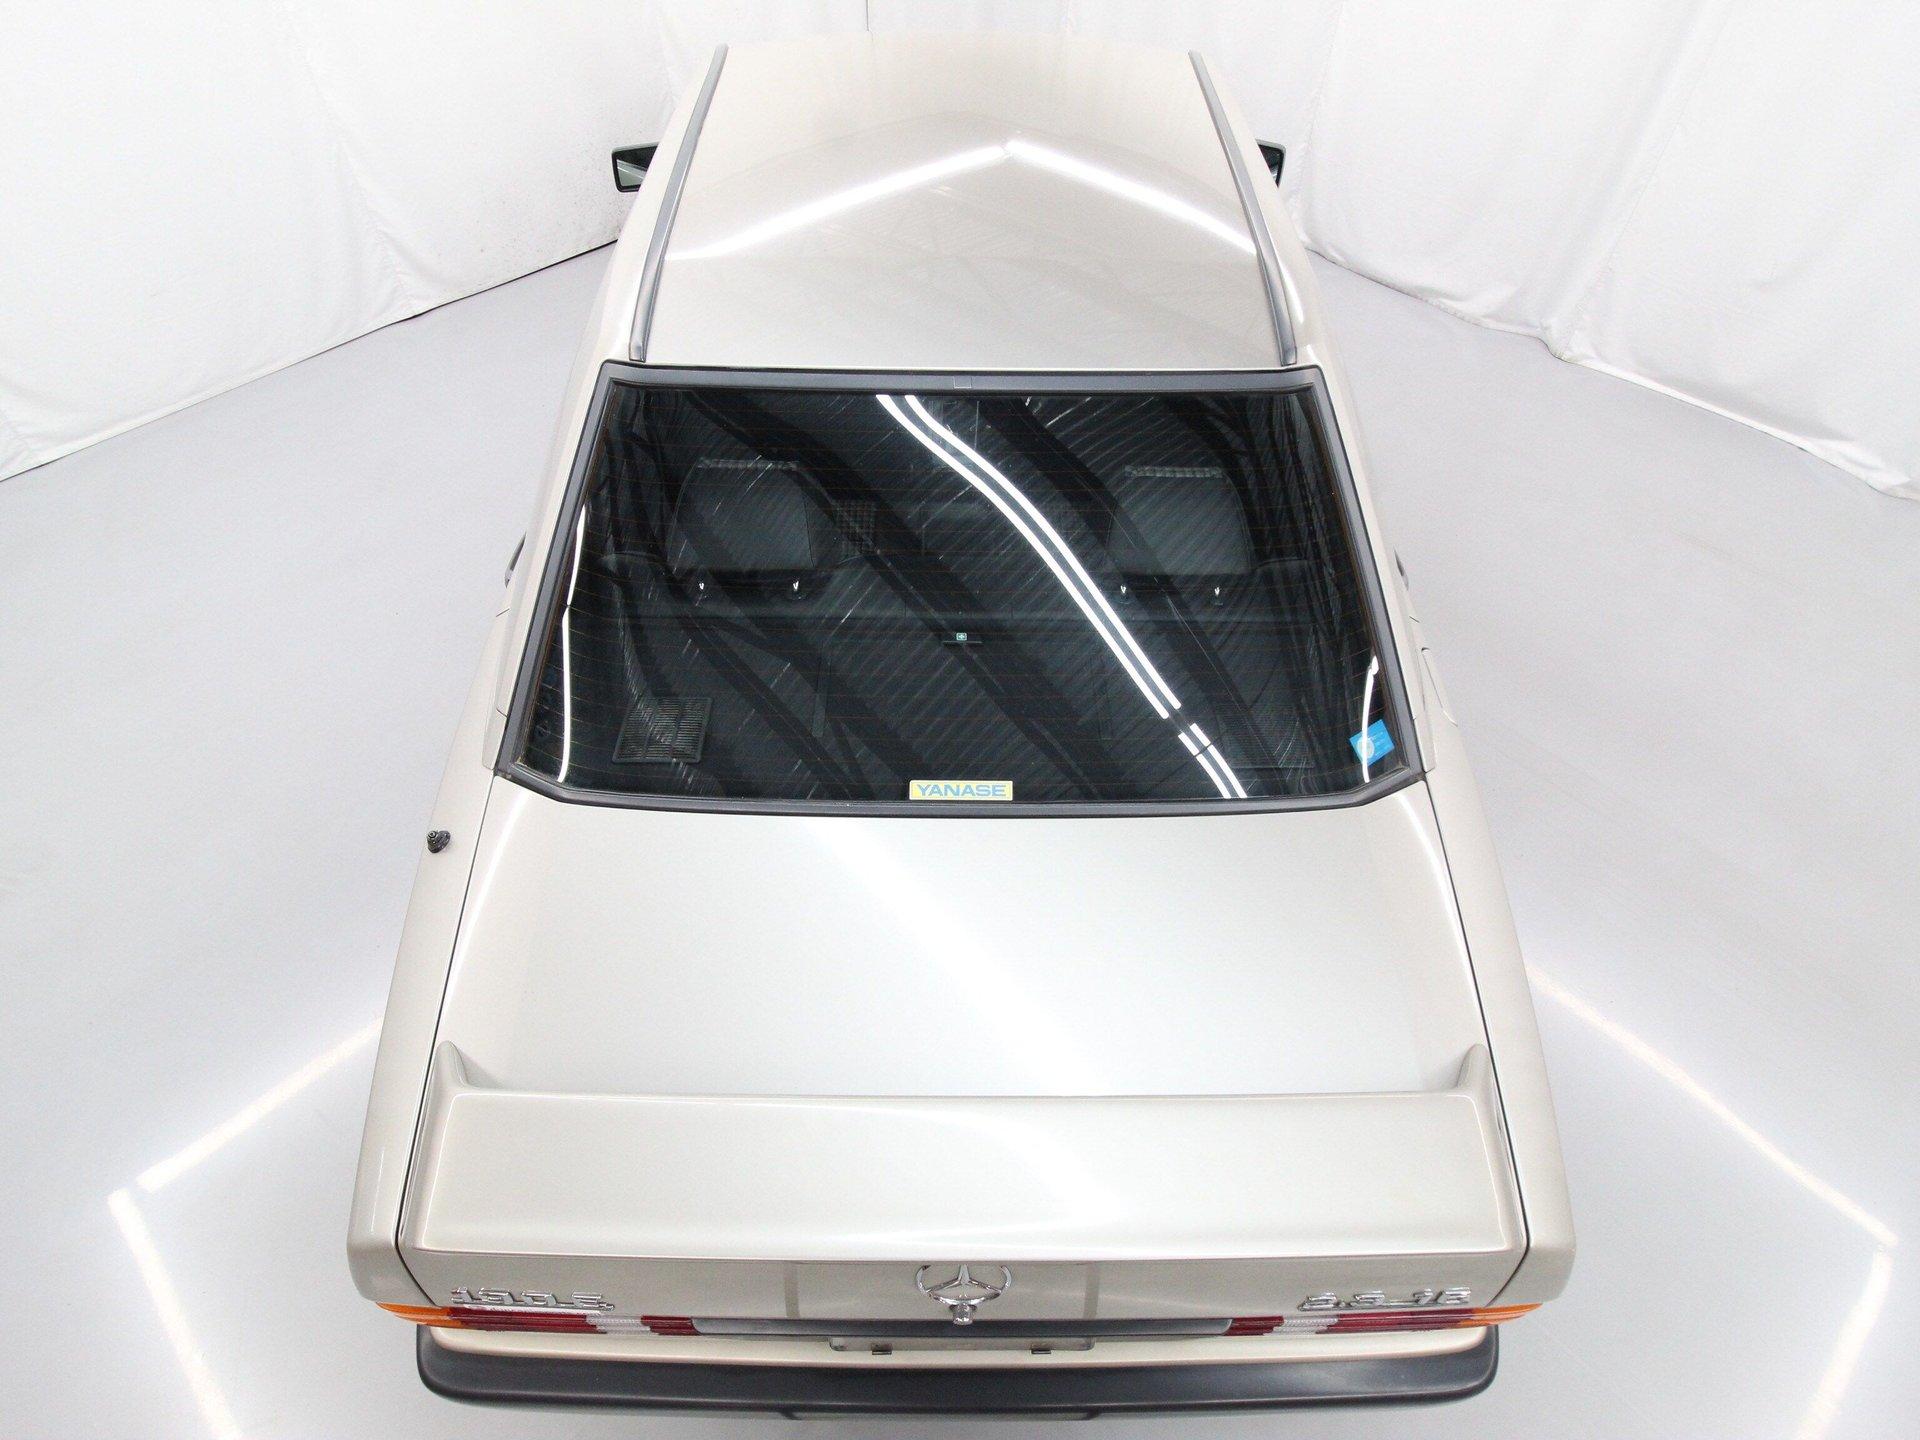 1986 Mercedes-Benz 190 E